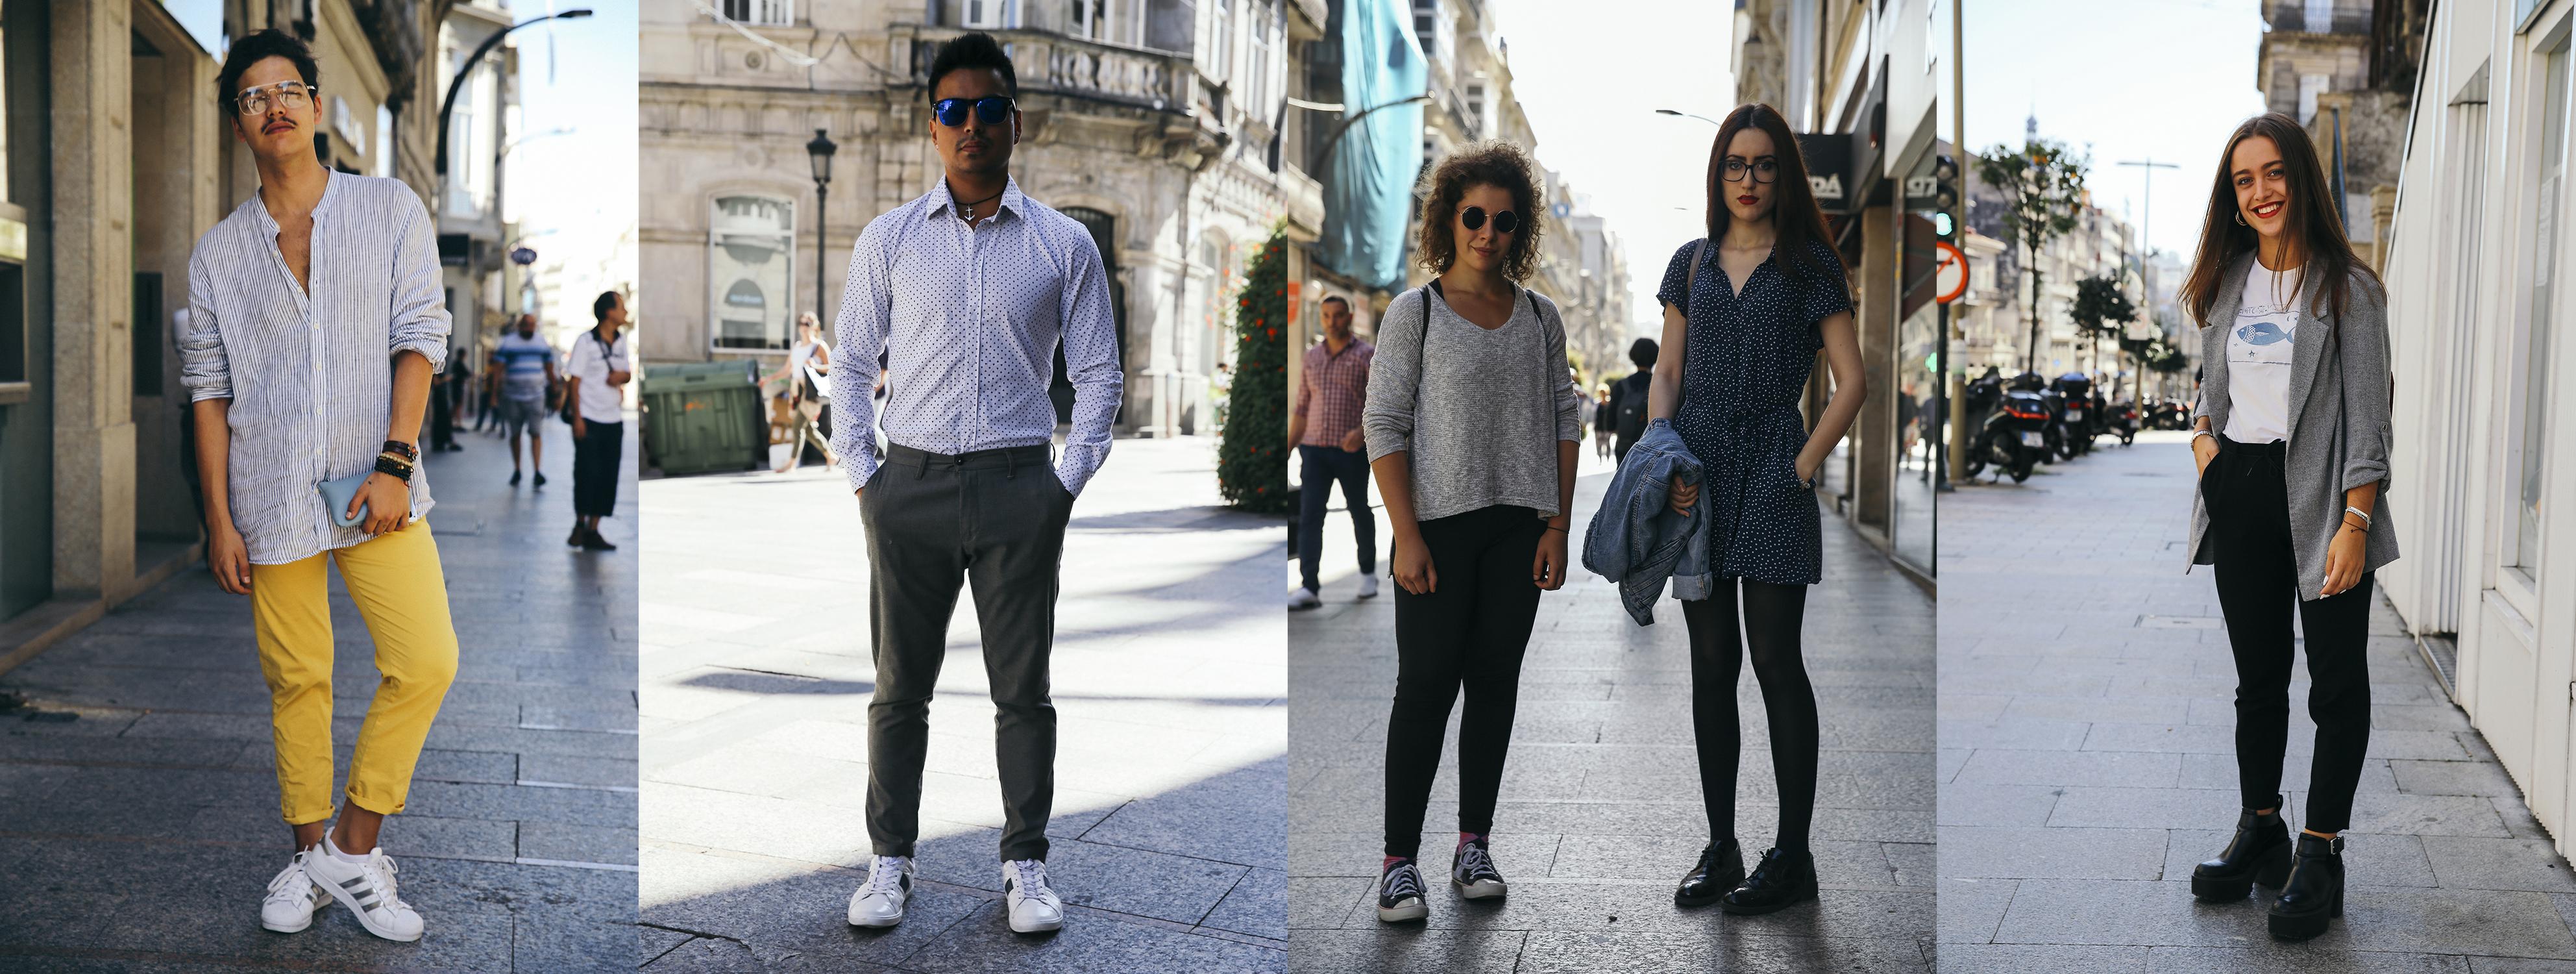 Moda na Rúa Oct.18